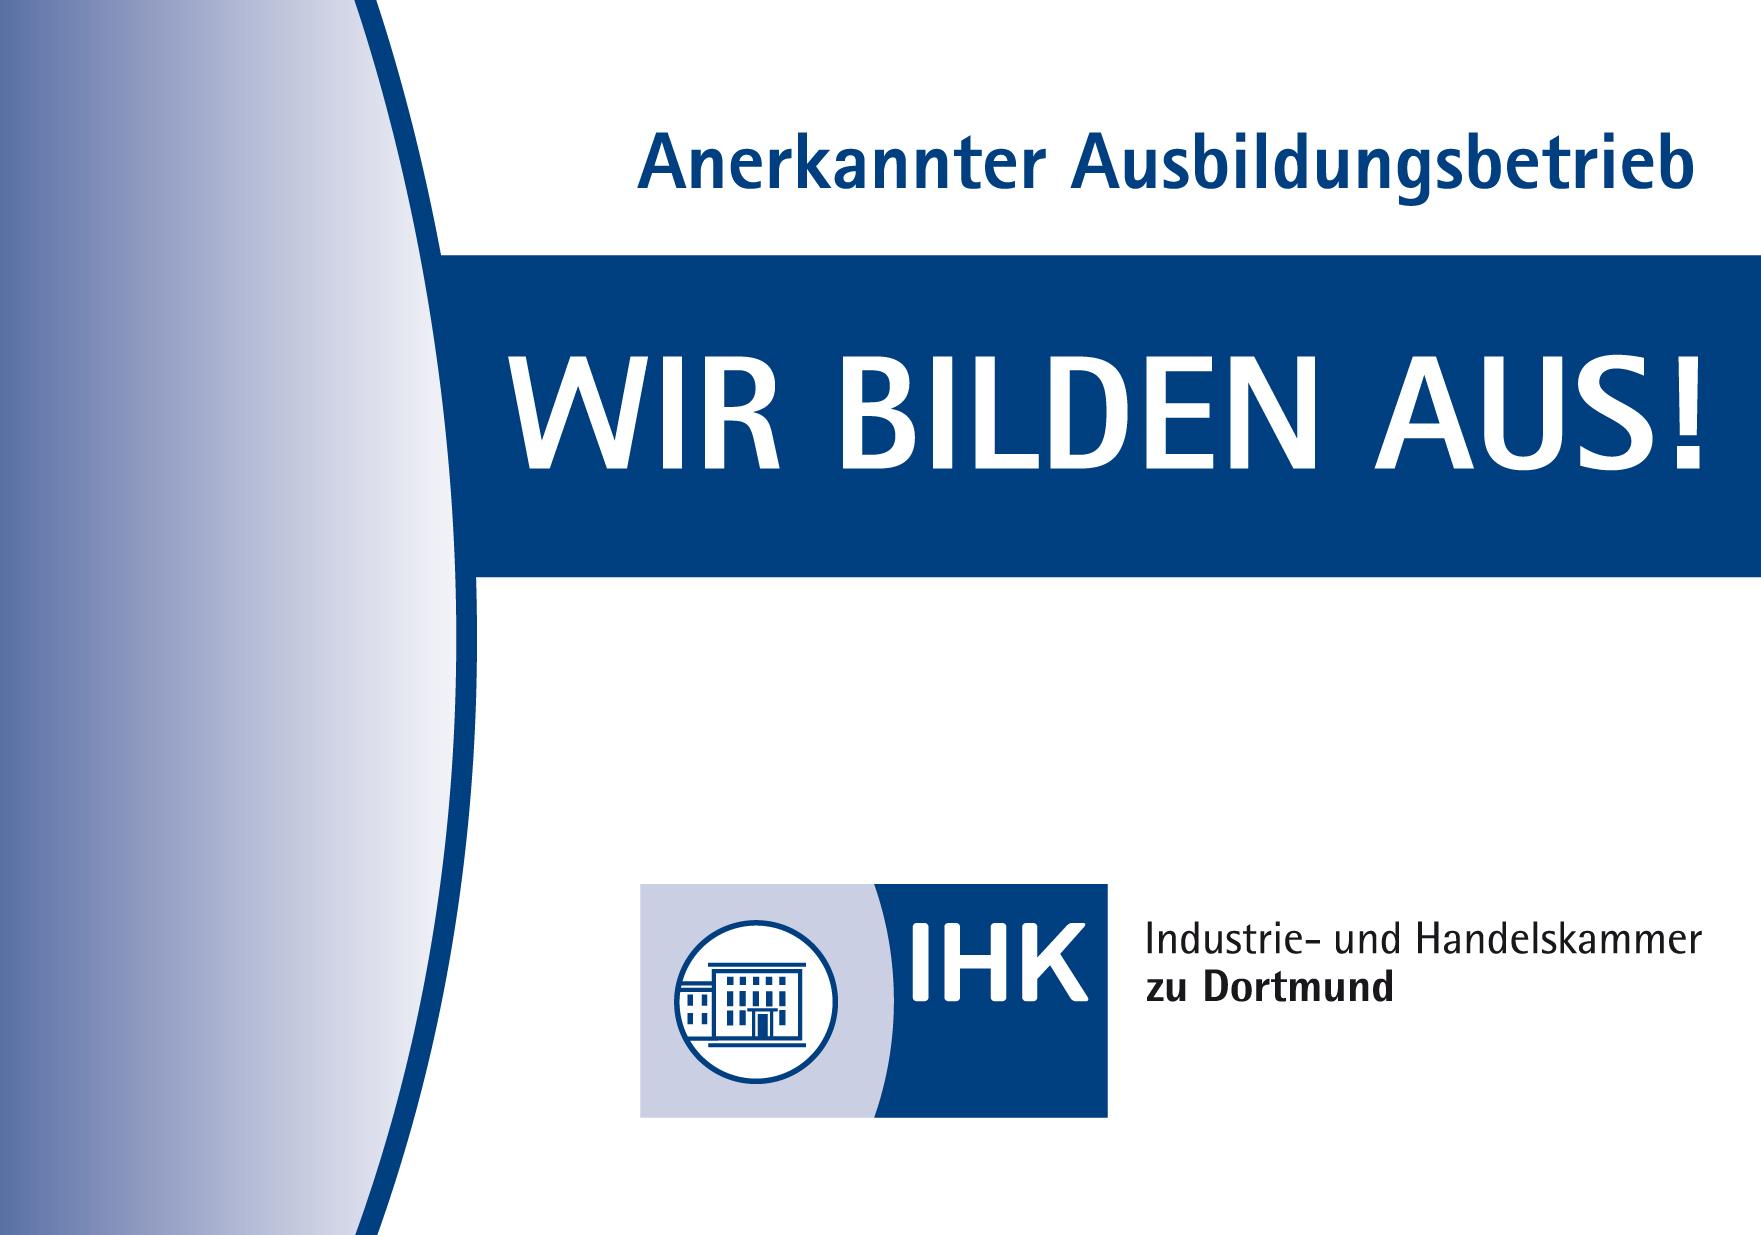 IHK-Aufkleber-Ausbildungsbetrieb-RZ.indd